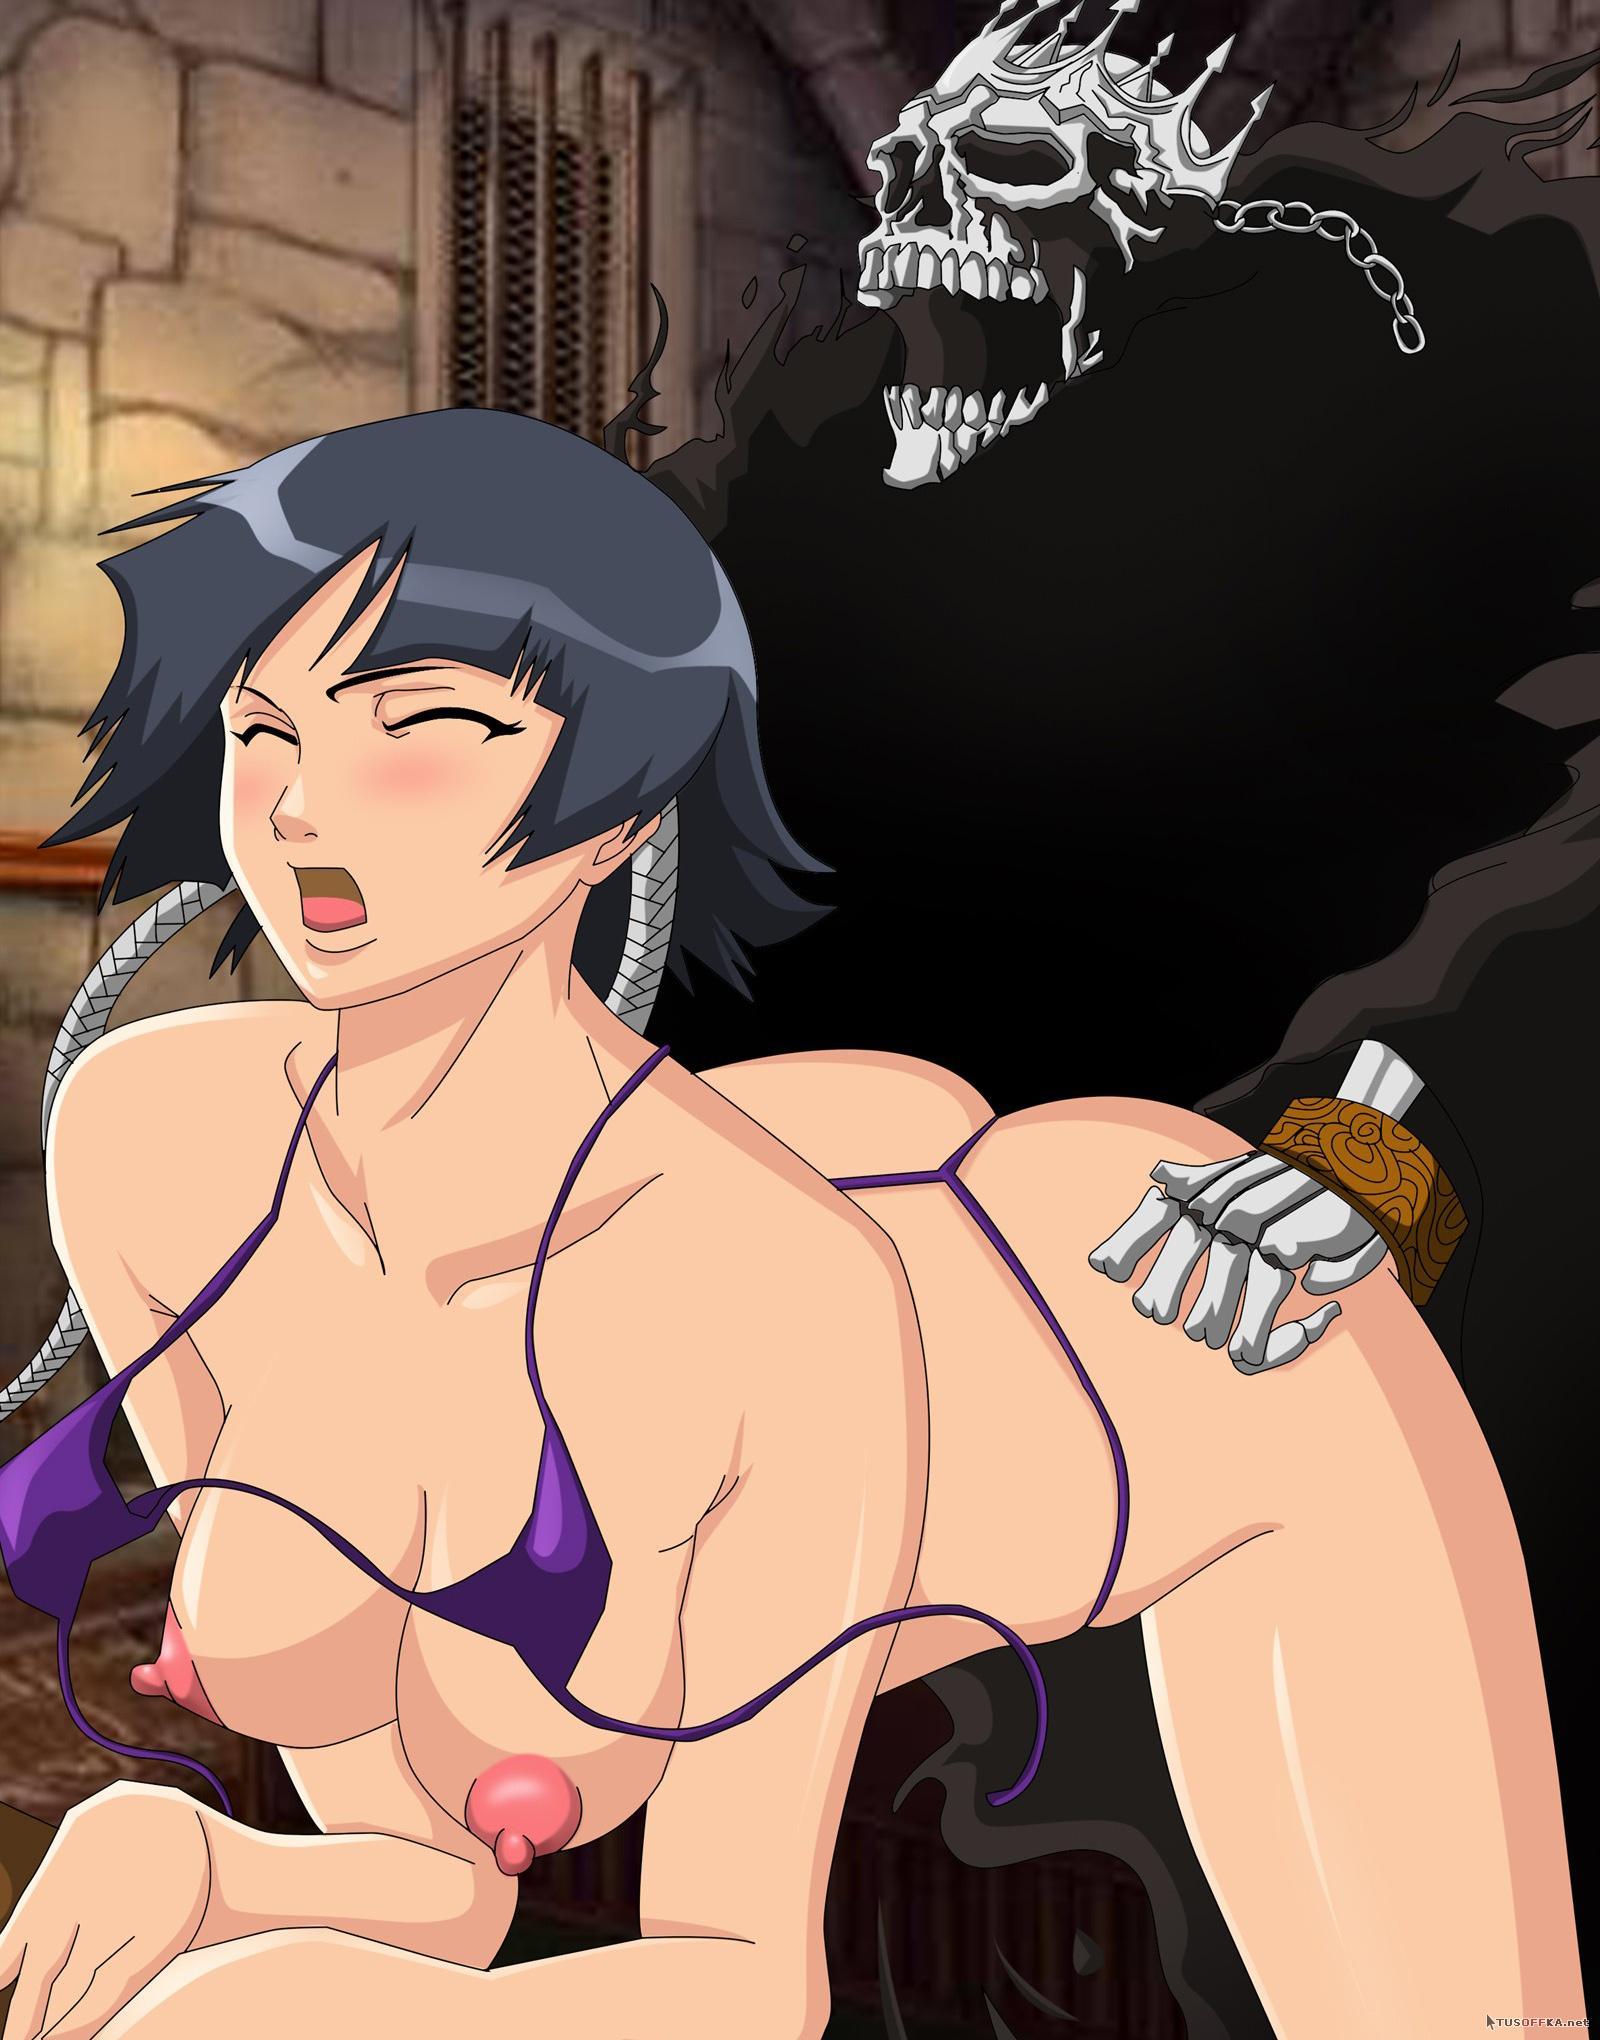 Онлайн жёсткое порно хентай бесплатно